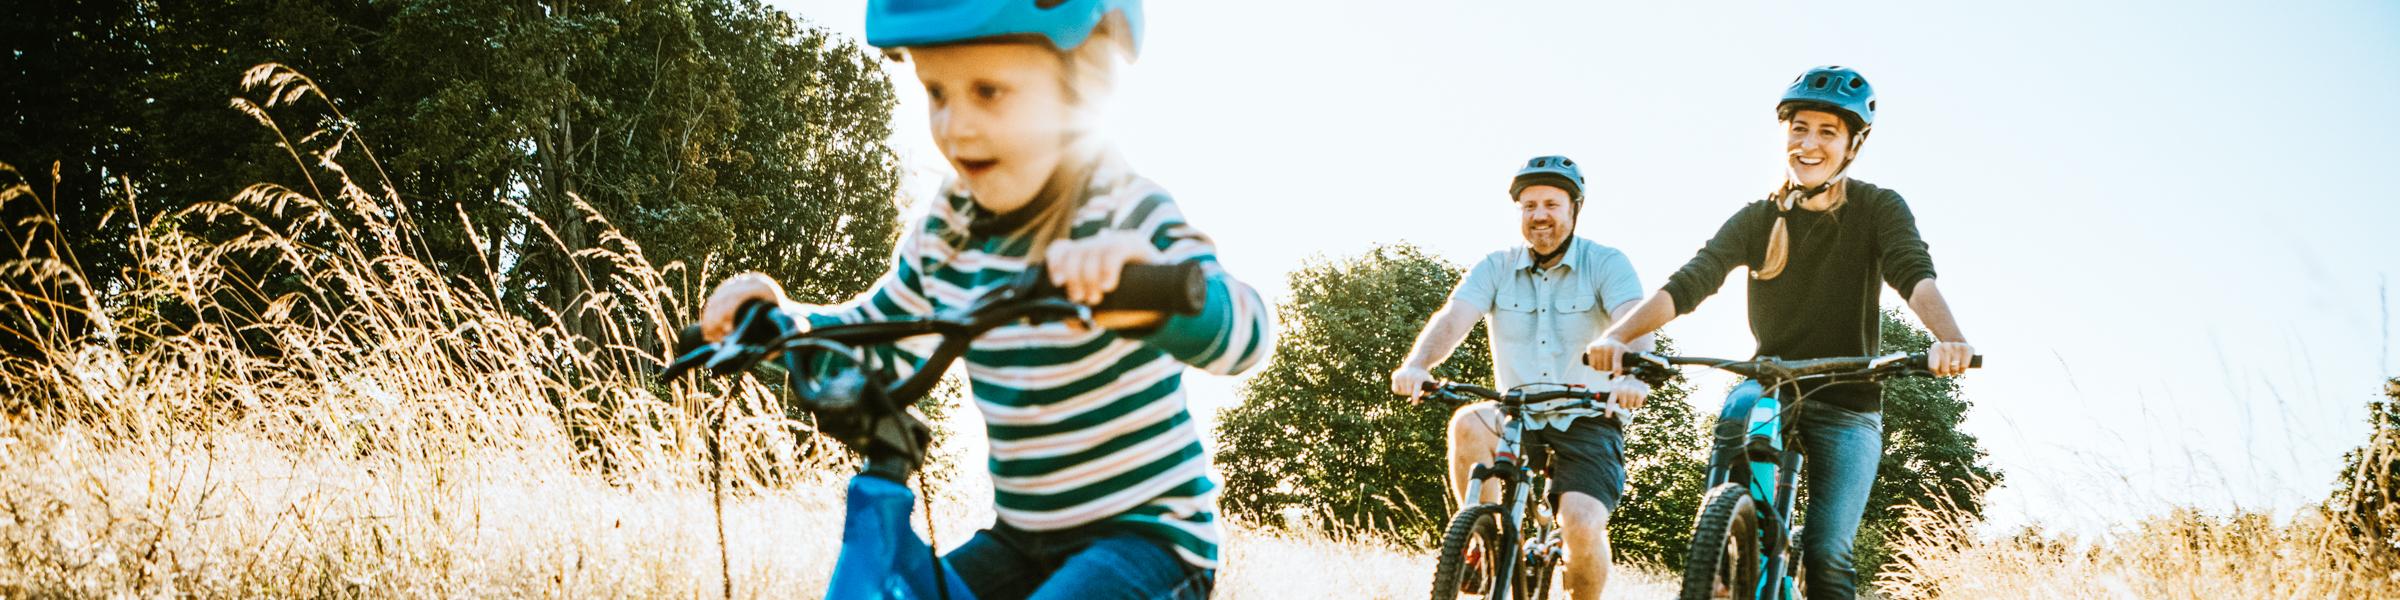 Fahrradtour Familie